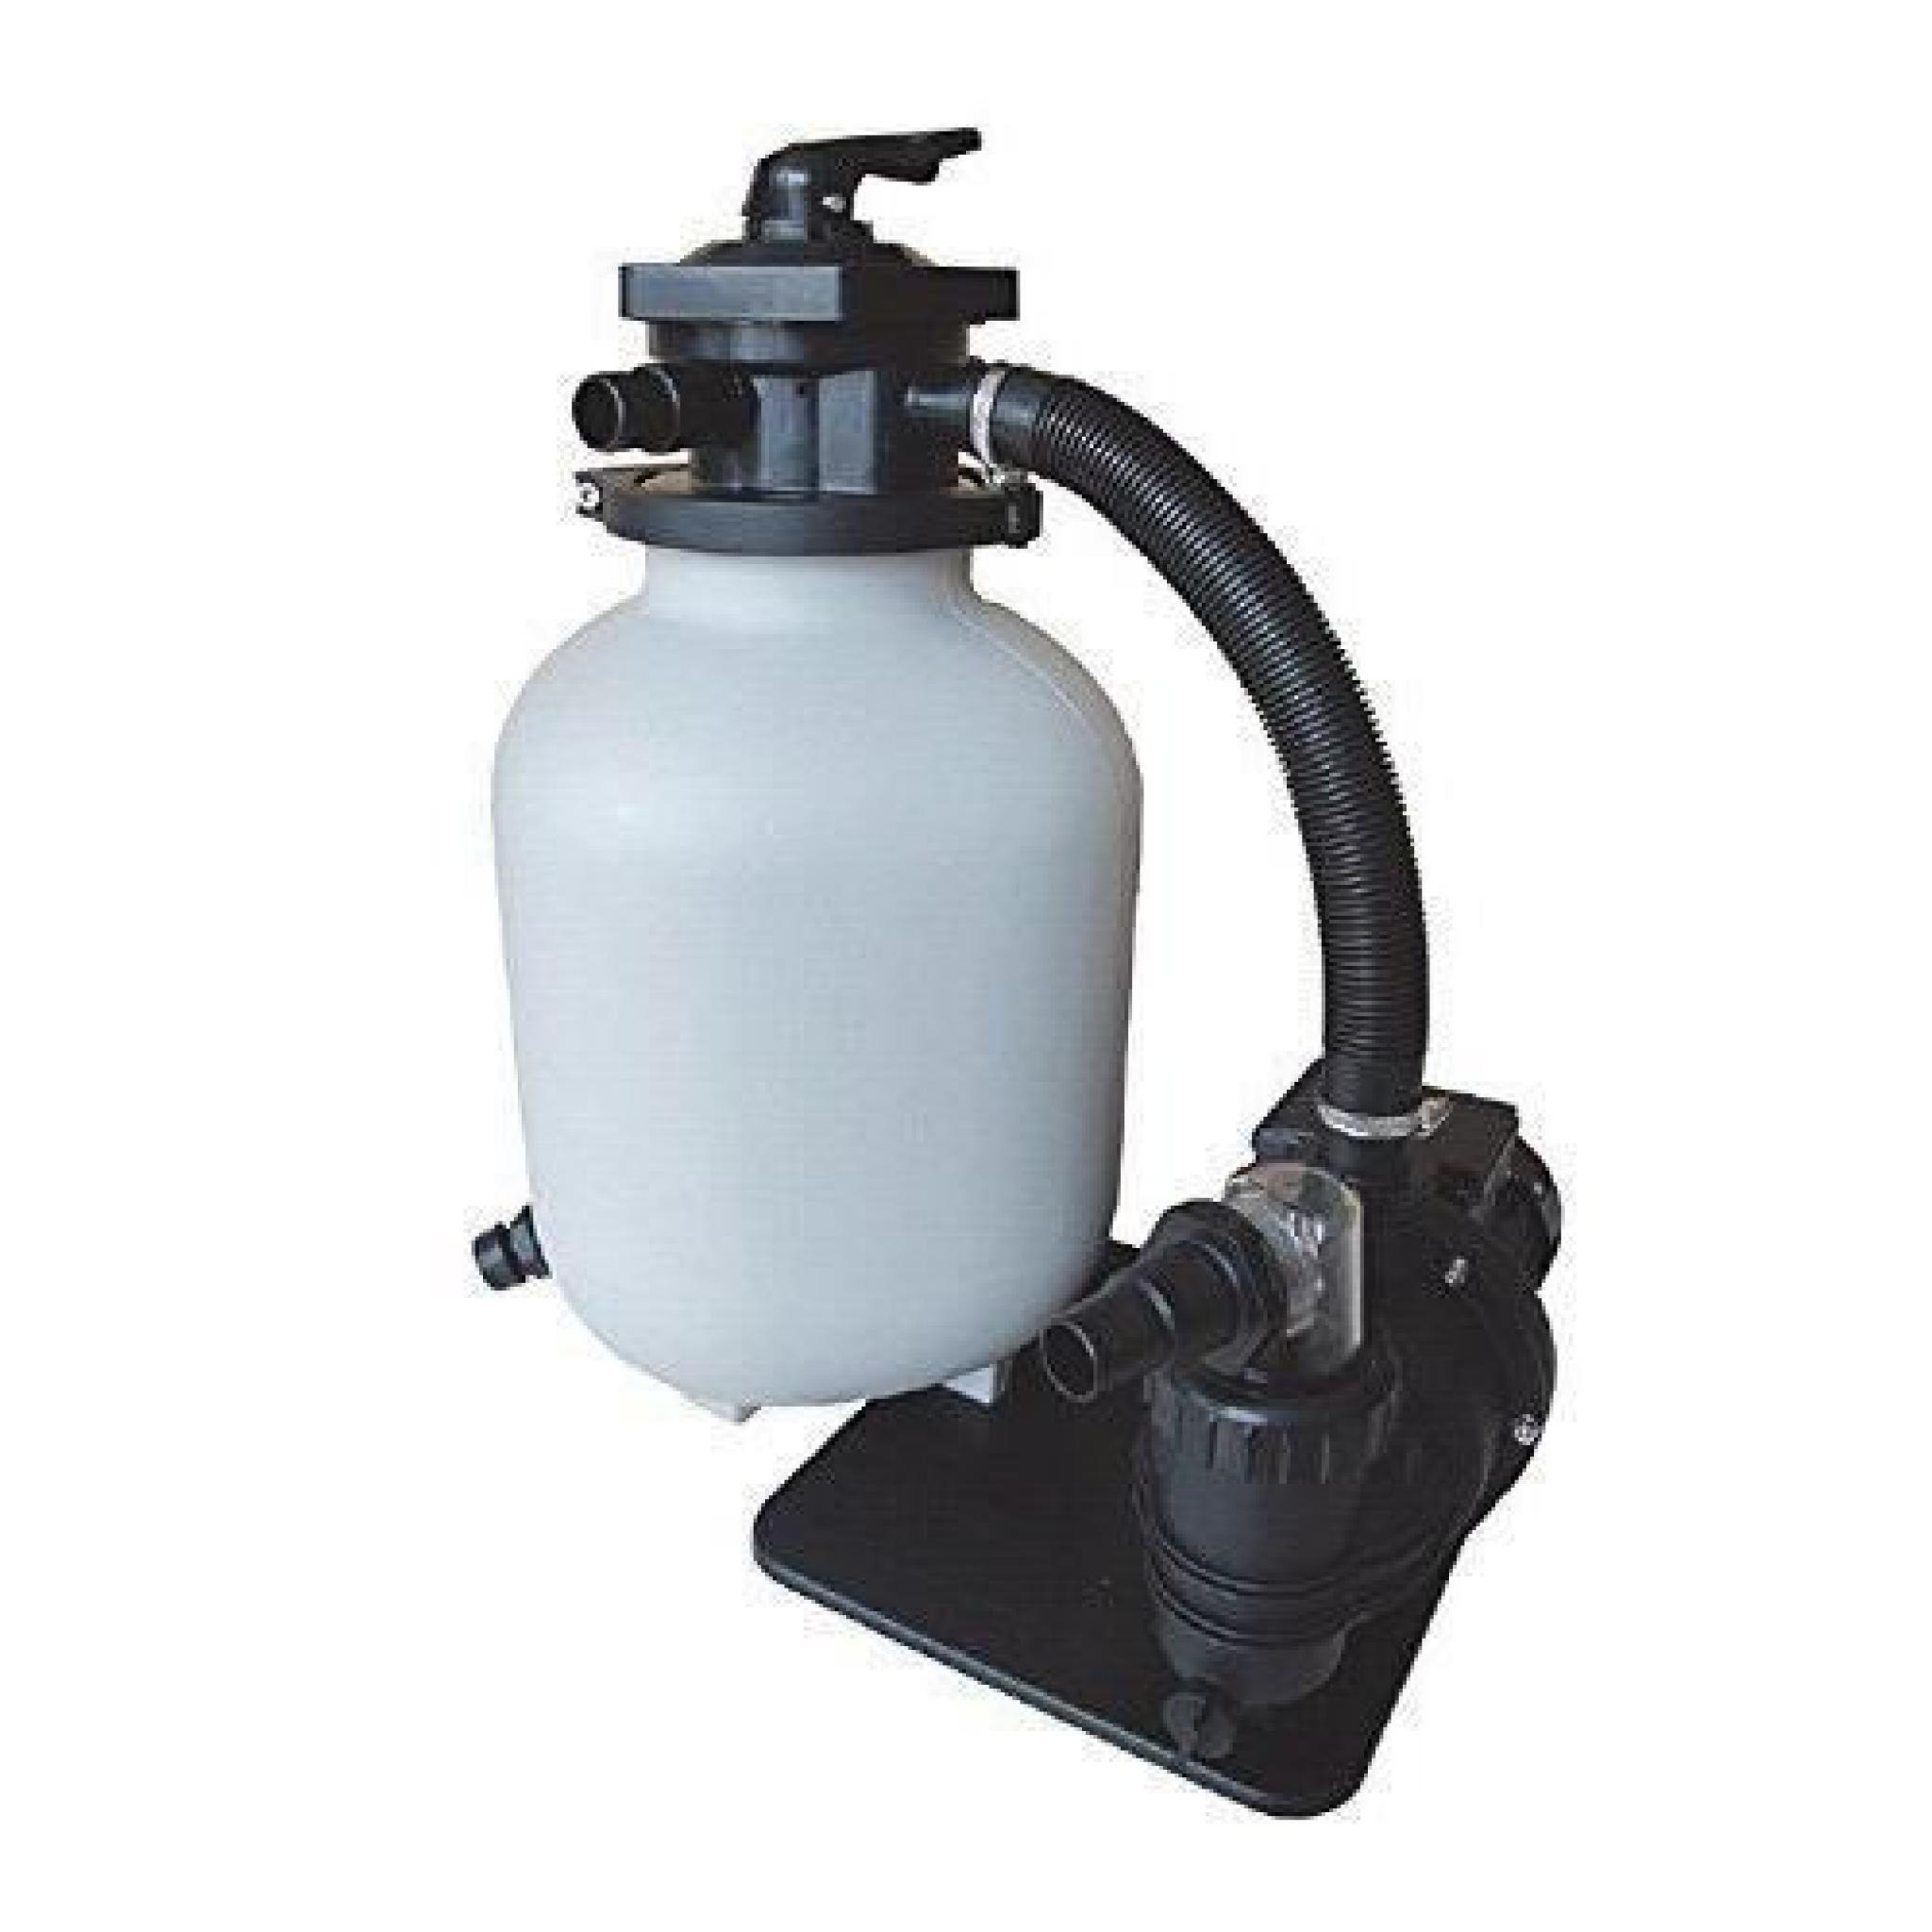 Aquaforte Filtre À Sable Kit Sq300De Junior Pour 35M Pompe Piscine, 7,5M/h,  250W encequiconcerne Filtre A Sable Piscine Pas Cher